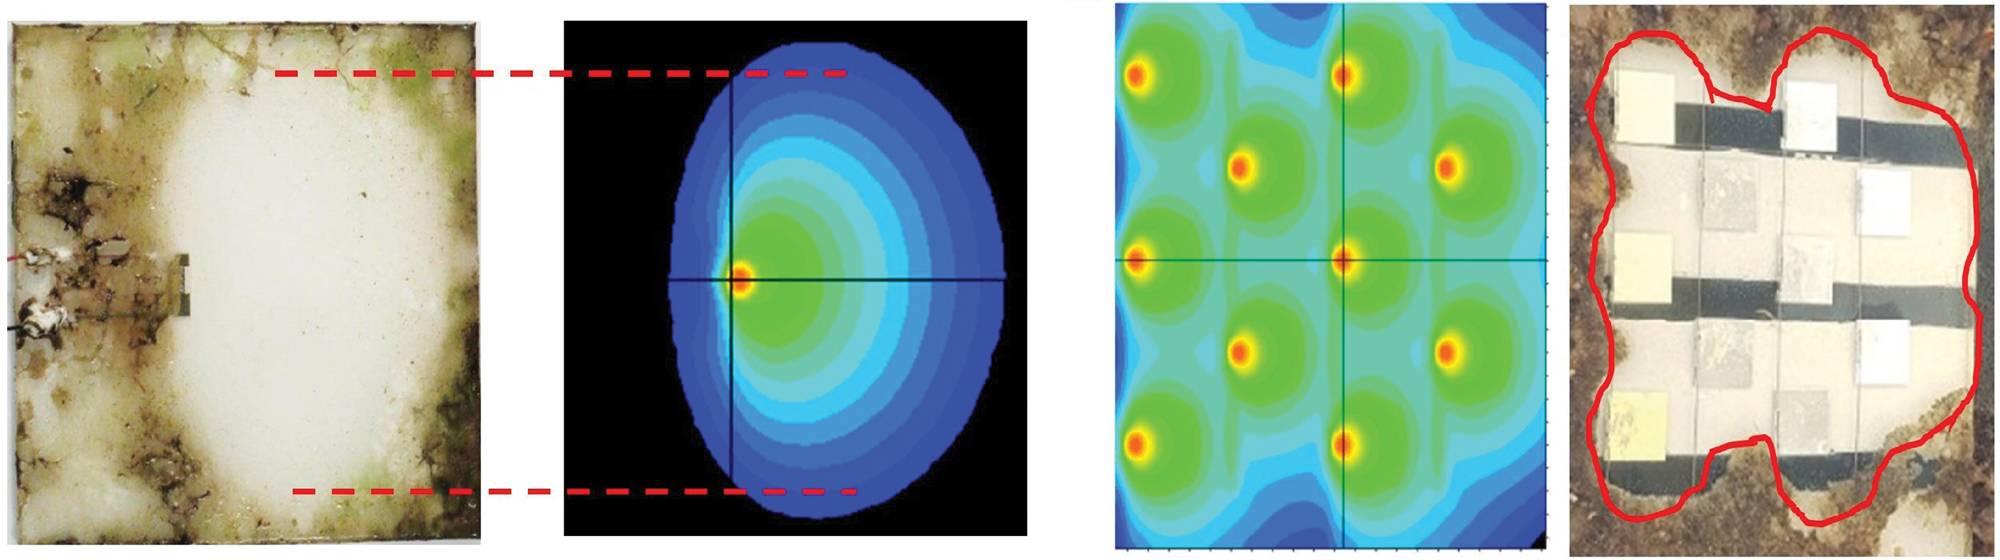 图3:表面紫外线照射的模型模拟与相应的生物污损测试的比较。左侧是带有单个LED的硅胶板,在水族箱中进行测试。在海况下测试完整原型面板的右侧。红线标记从模拟预测的0.3mW / m2辐照度水平的位置。